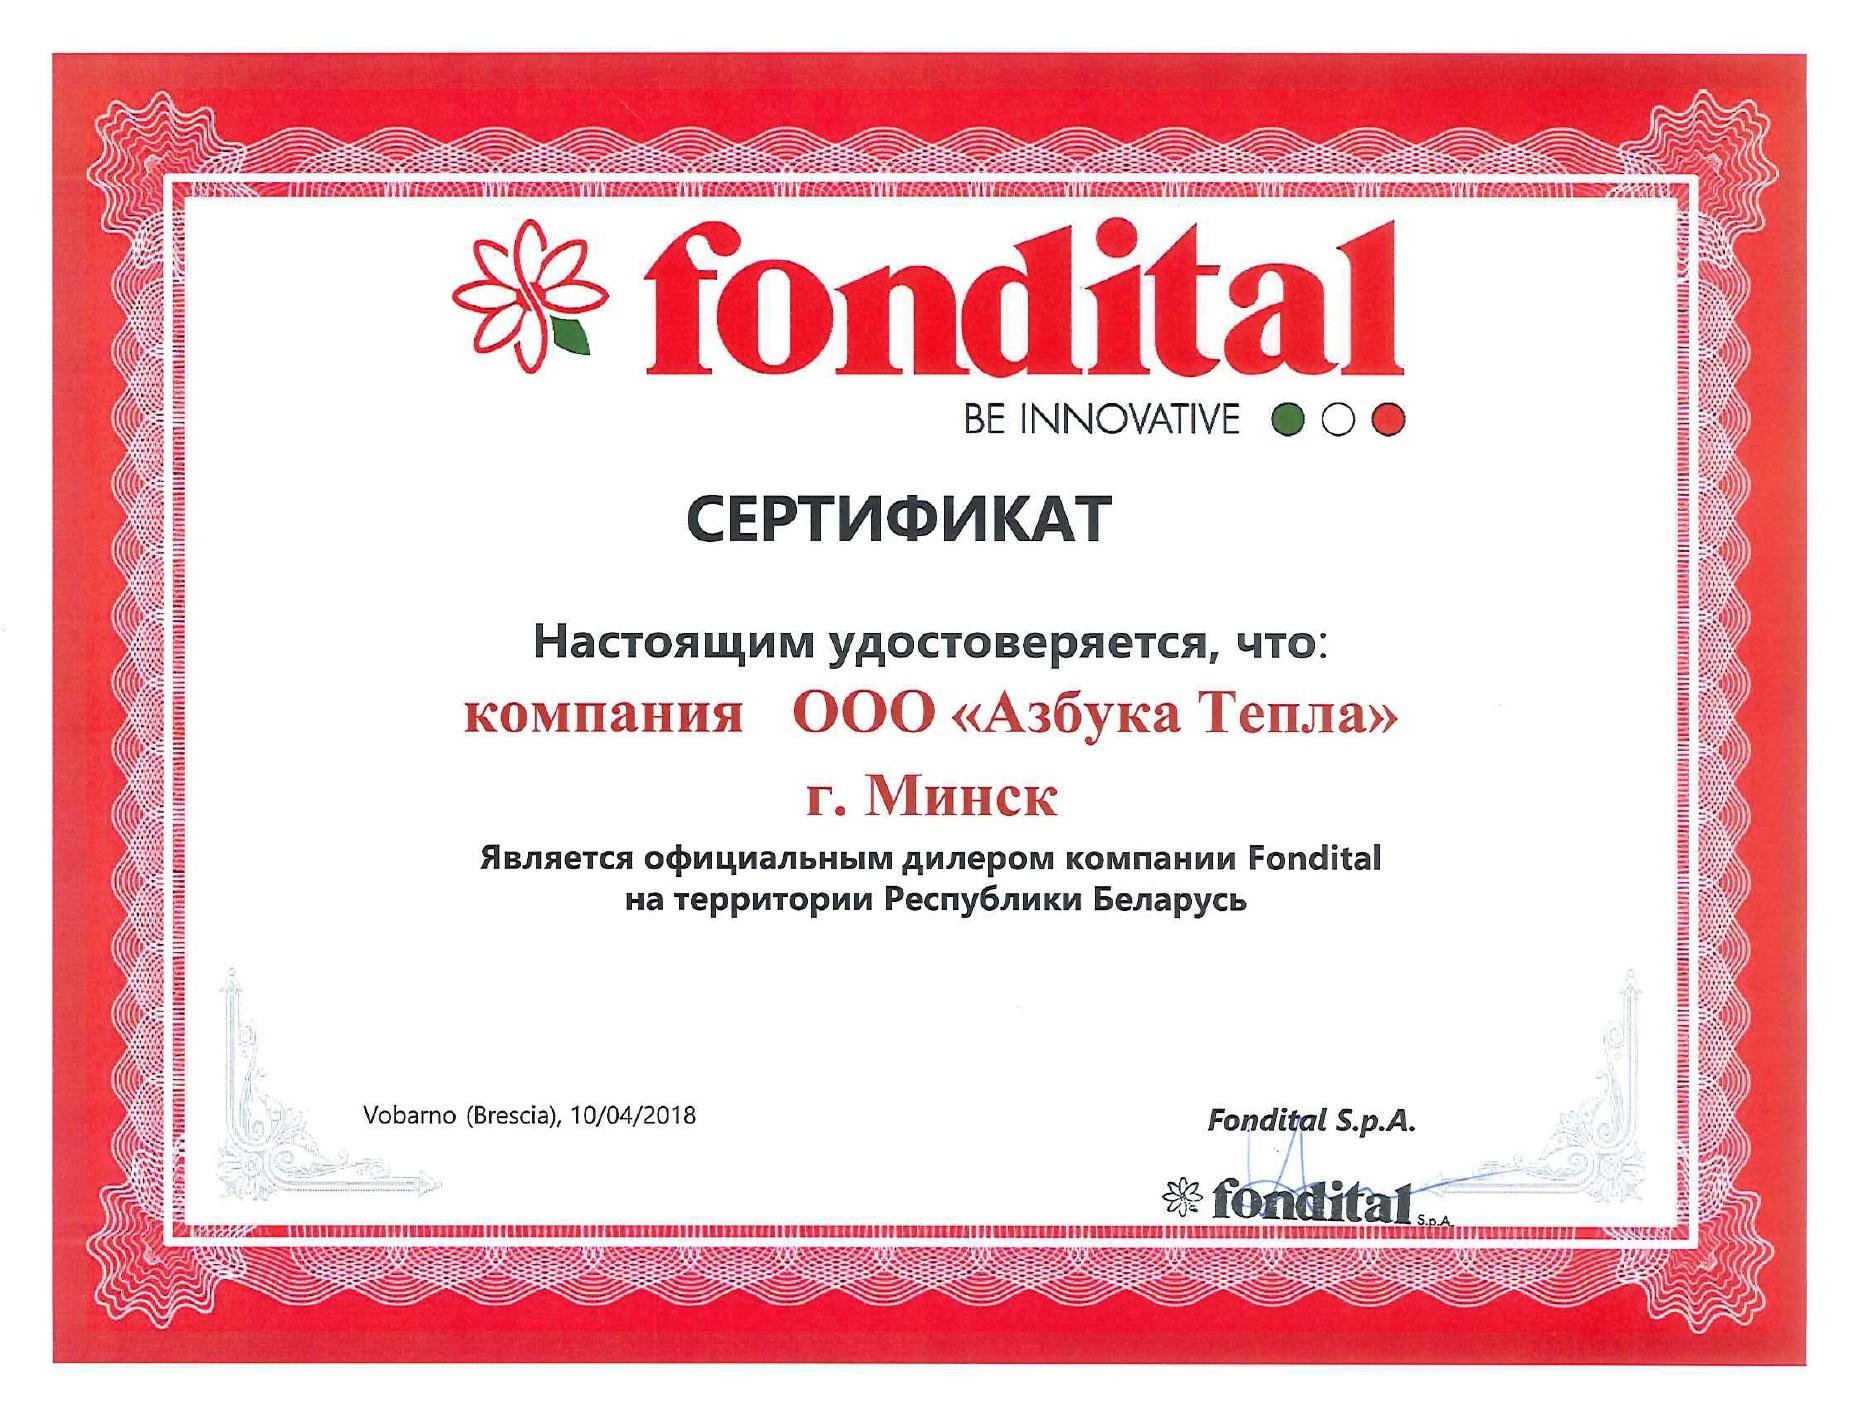 Сертификат дилера завода Fondital